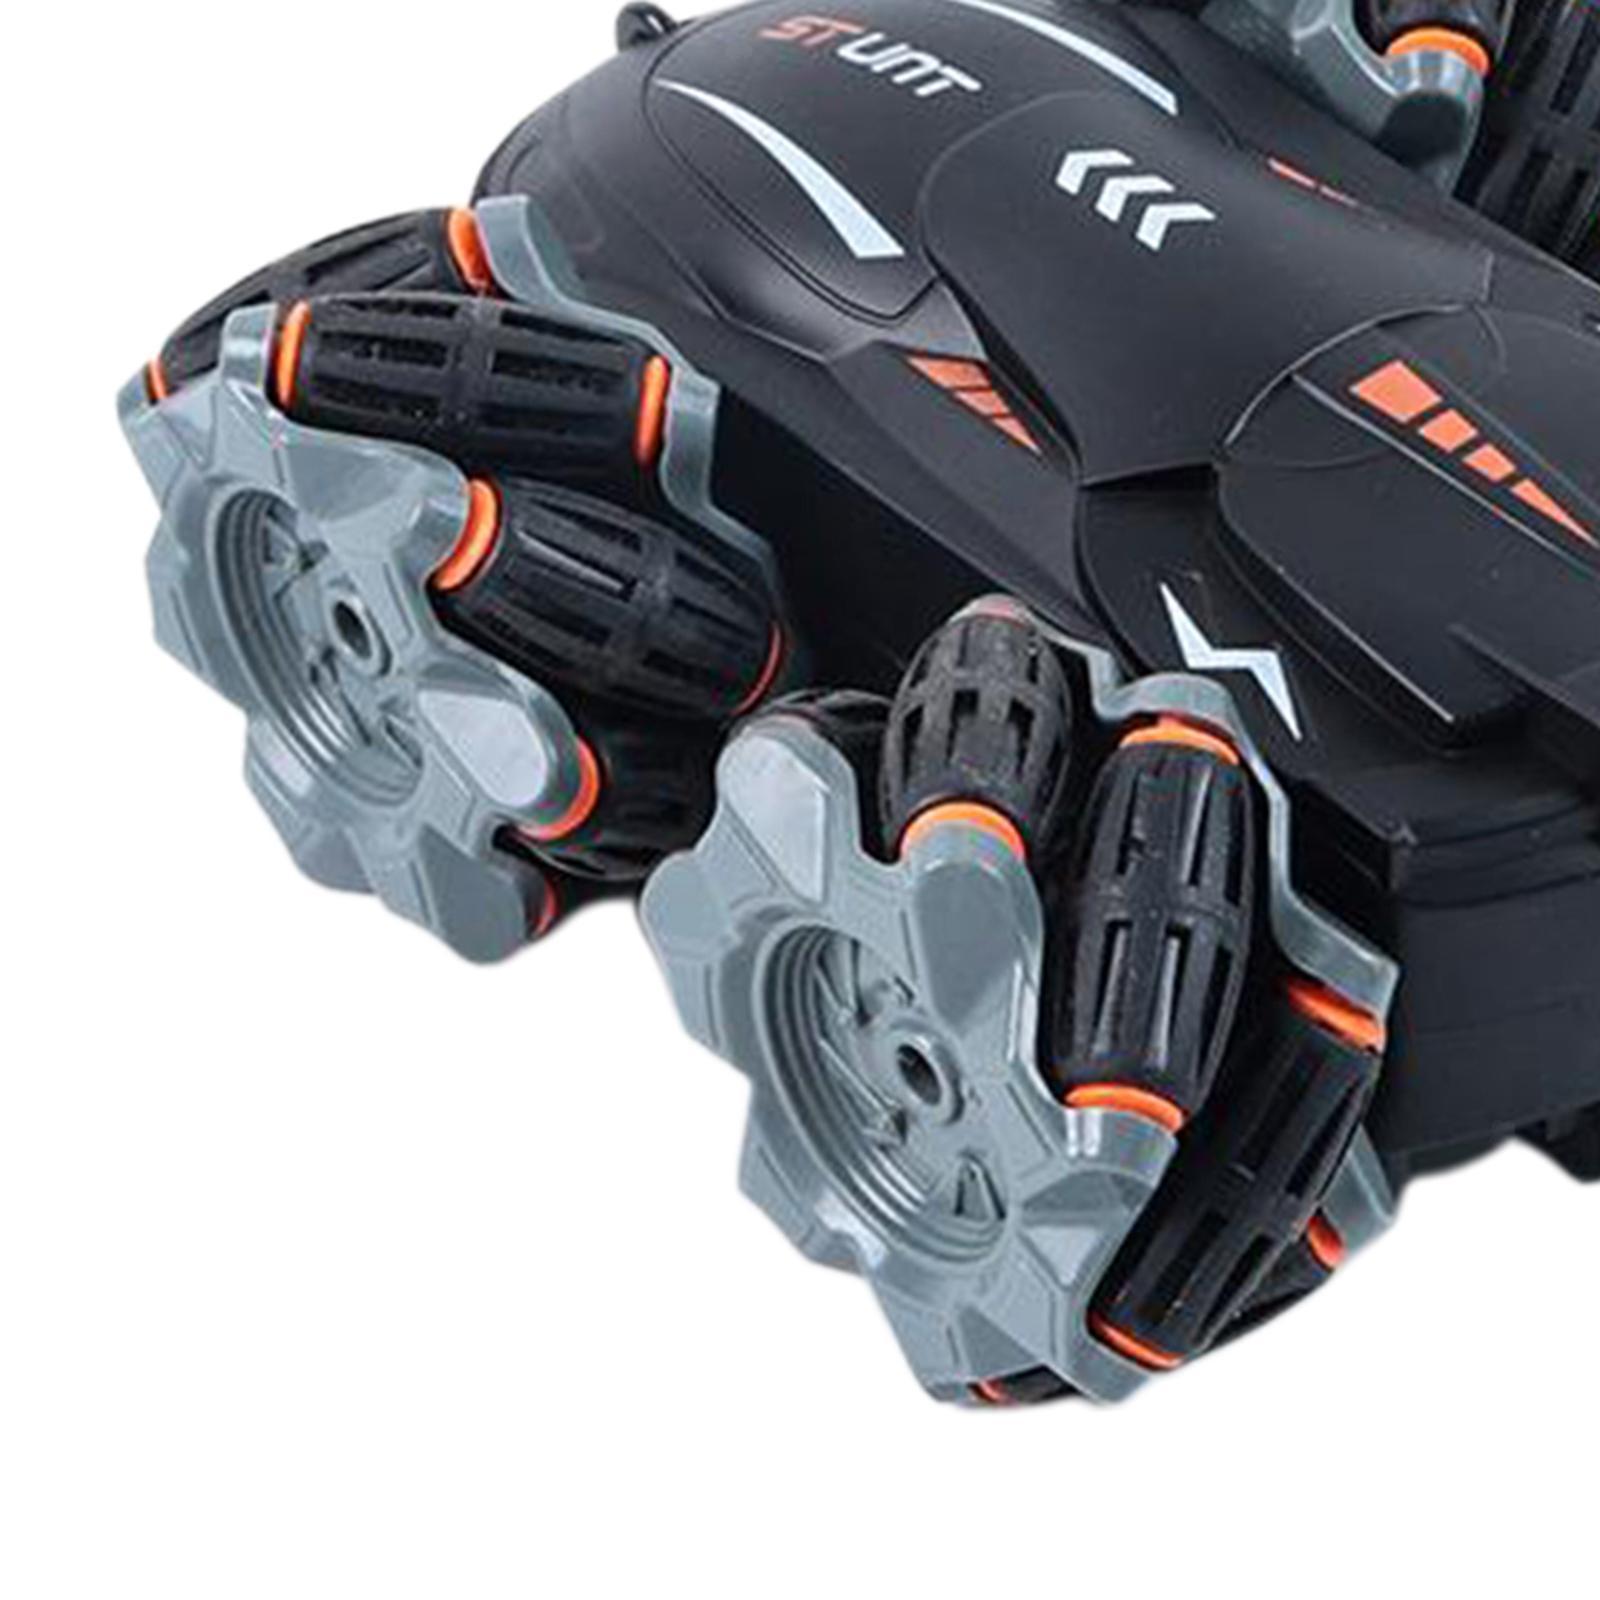 miniatura 10 - Telecomando Auto Stunt Car Giocattolo Per Bambini 2.4GHz di Controllo Remoto